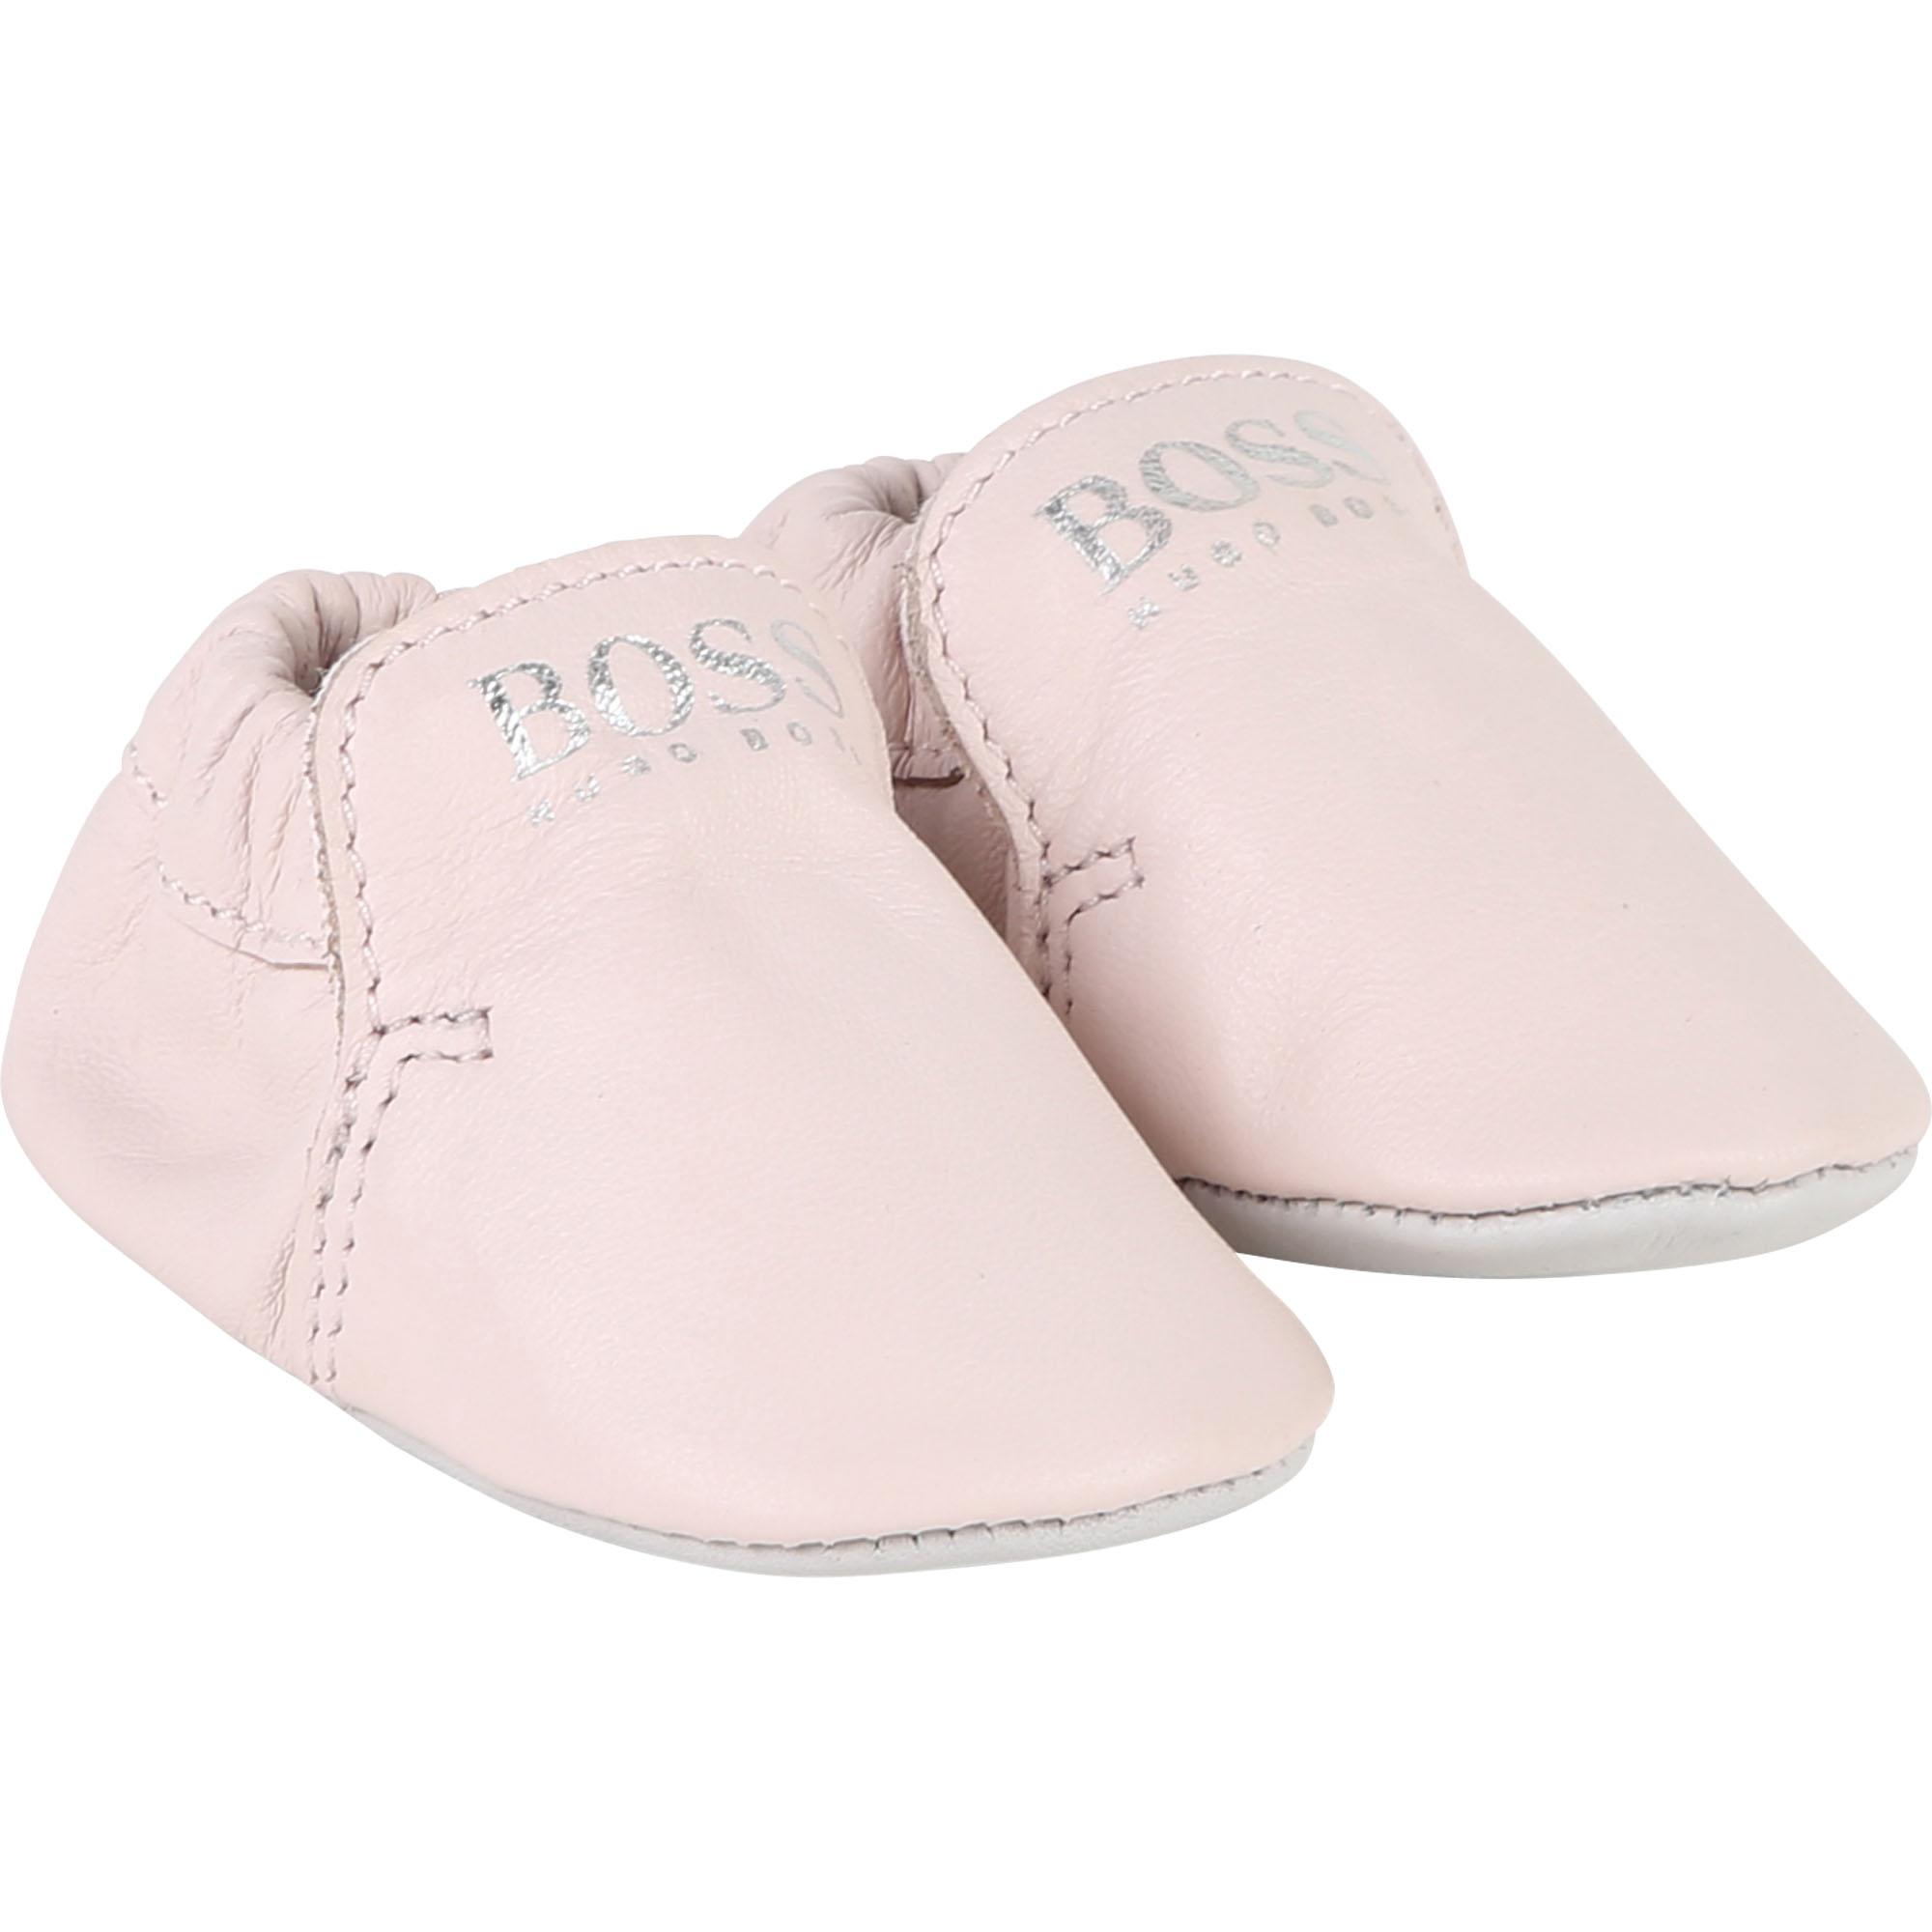 Hugo Boss Krabbelschuhe aus Leder - rosa